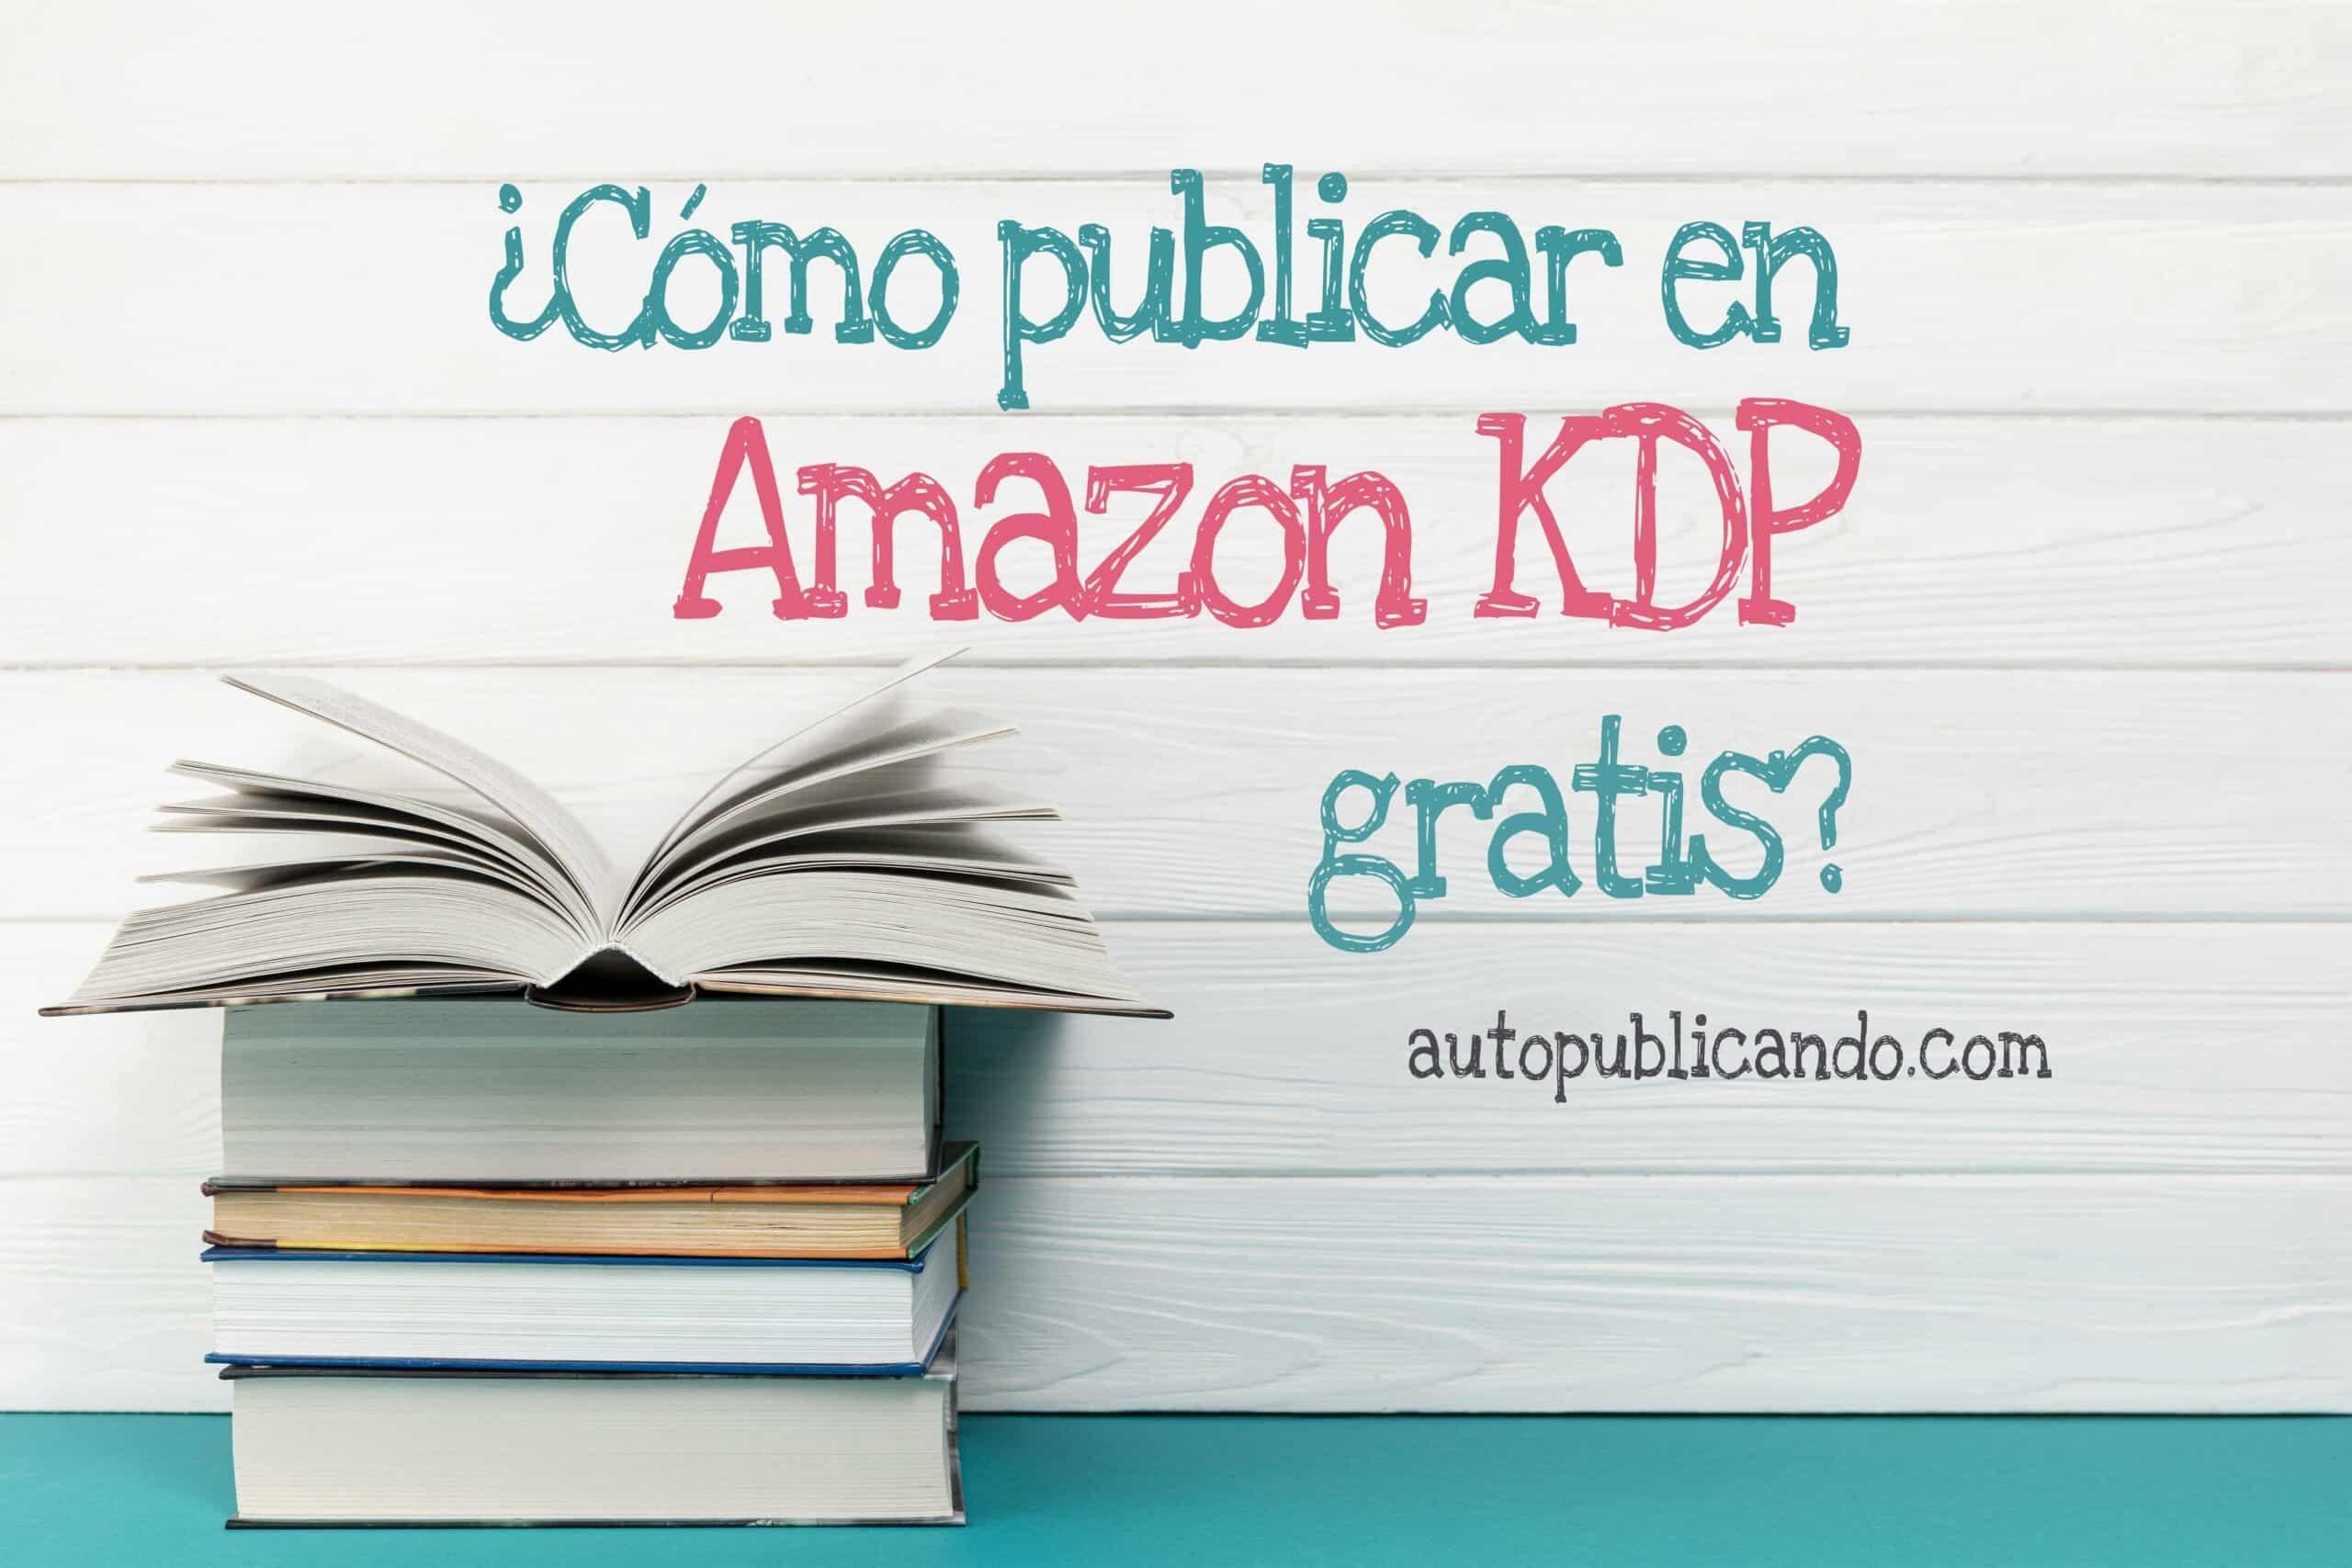 Autopublicar en Amazon KDP gratis: ¿Cómo hacerlo?